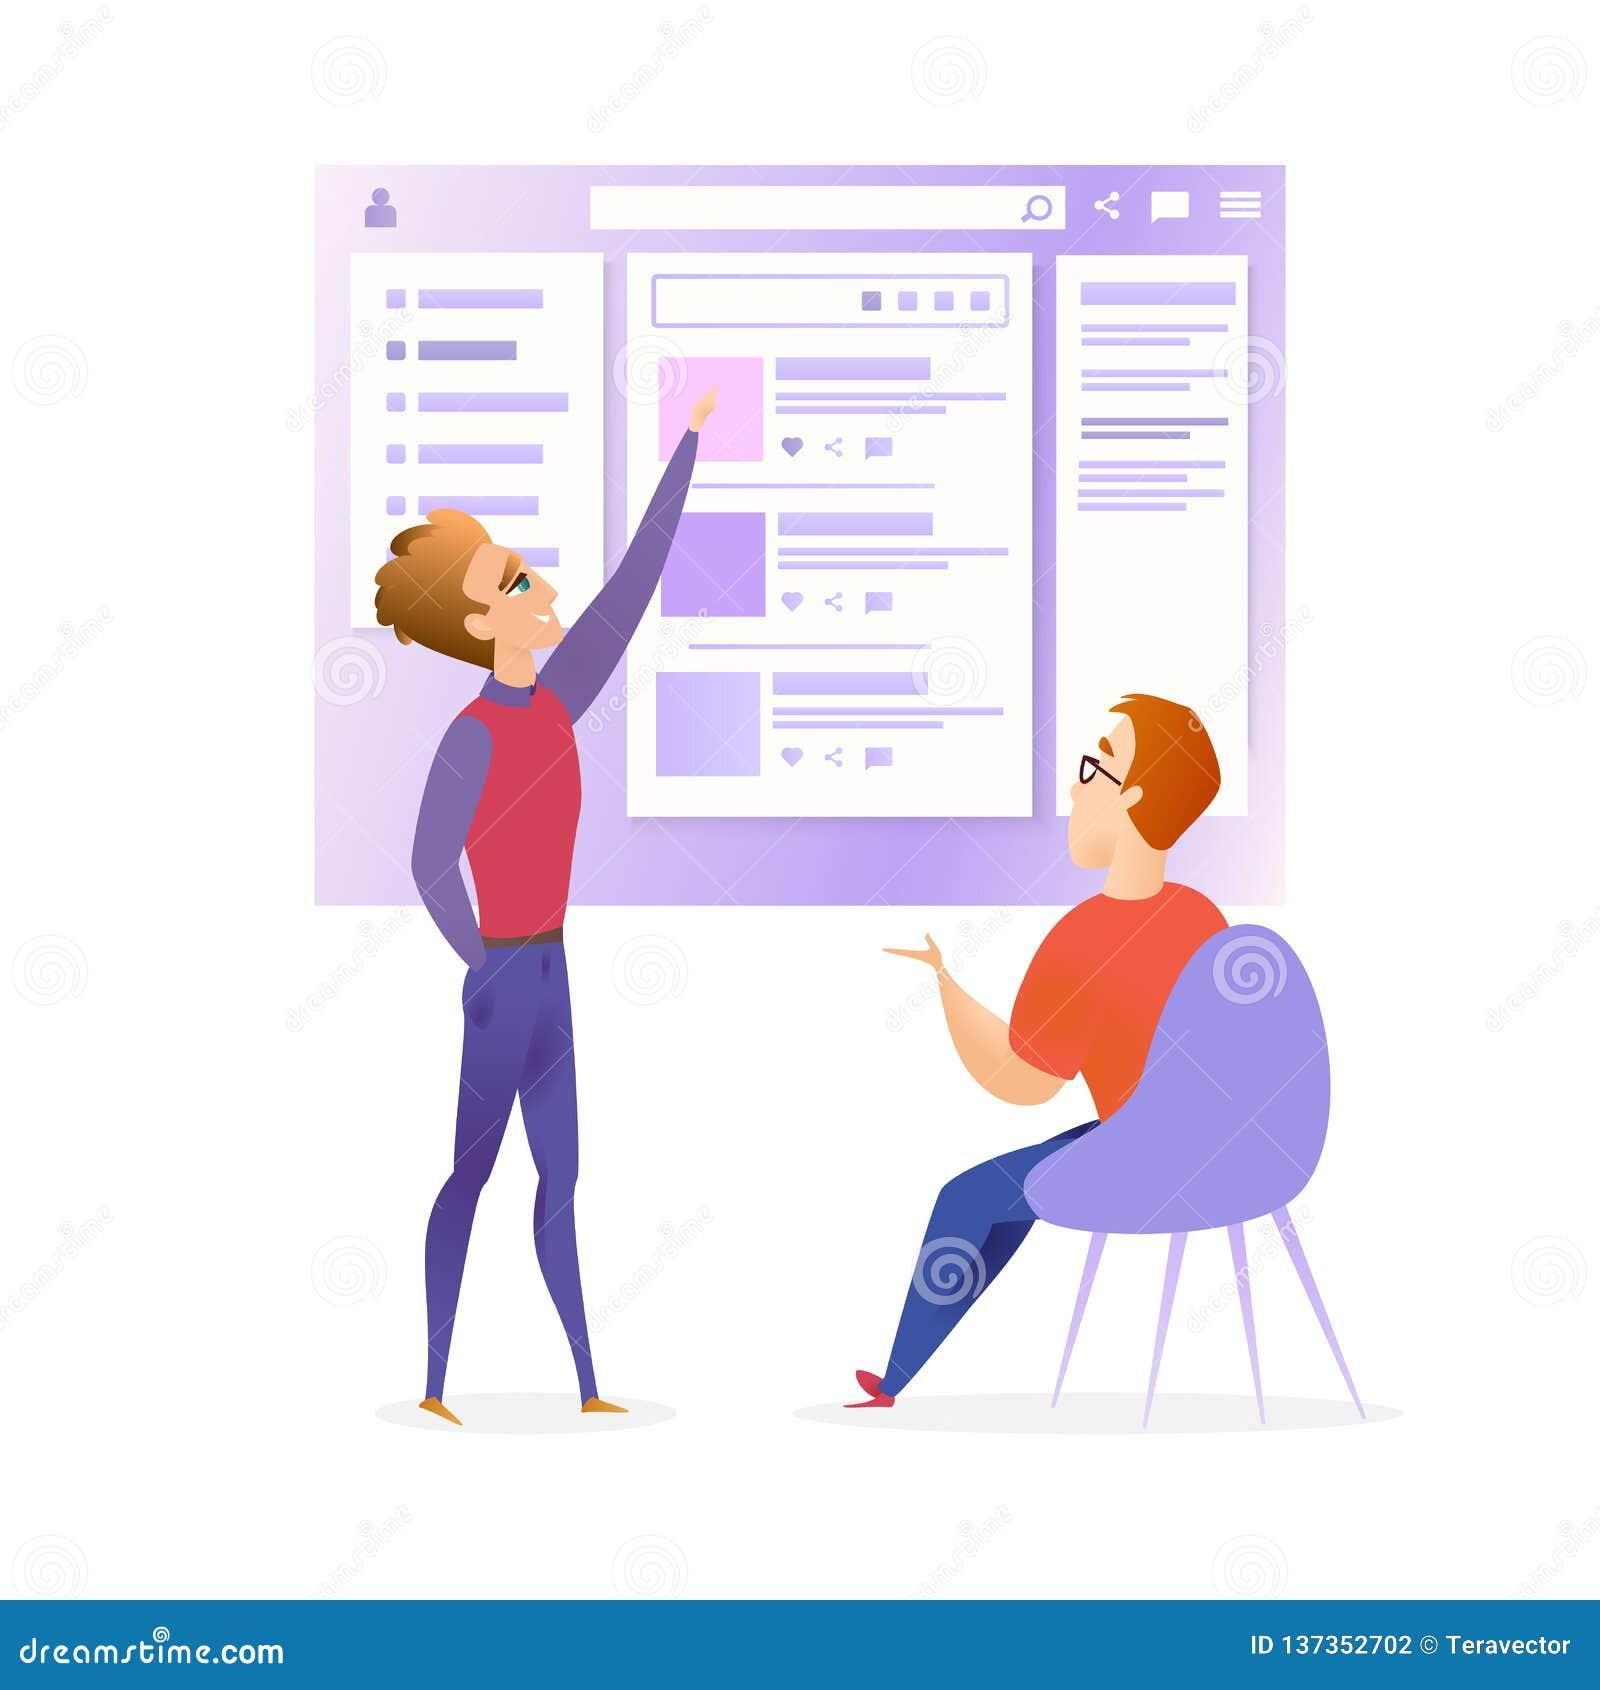 Έμβλημα συνεδρίασης των υπεύθυνων για την ανάπτυξη σχεδιαστών Ui ιστοχώρου